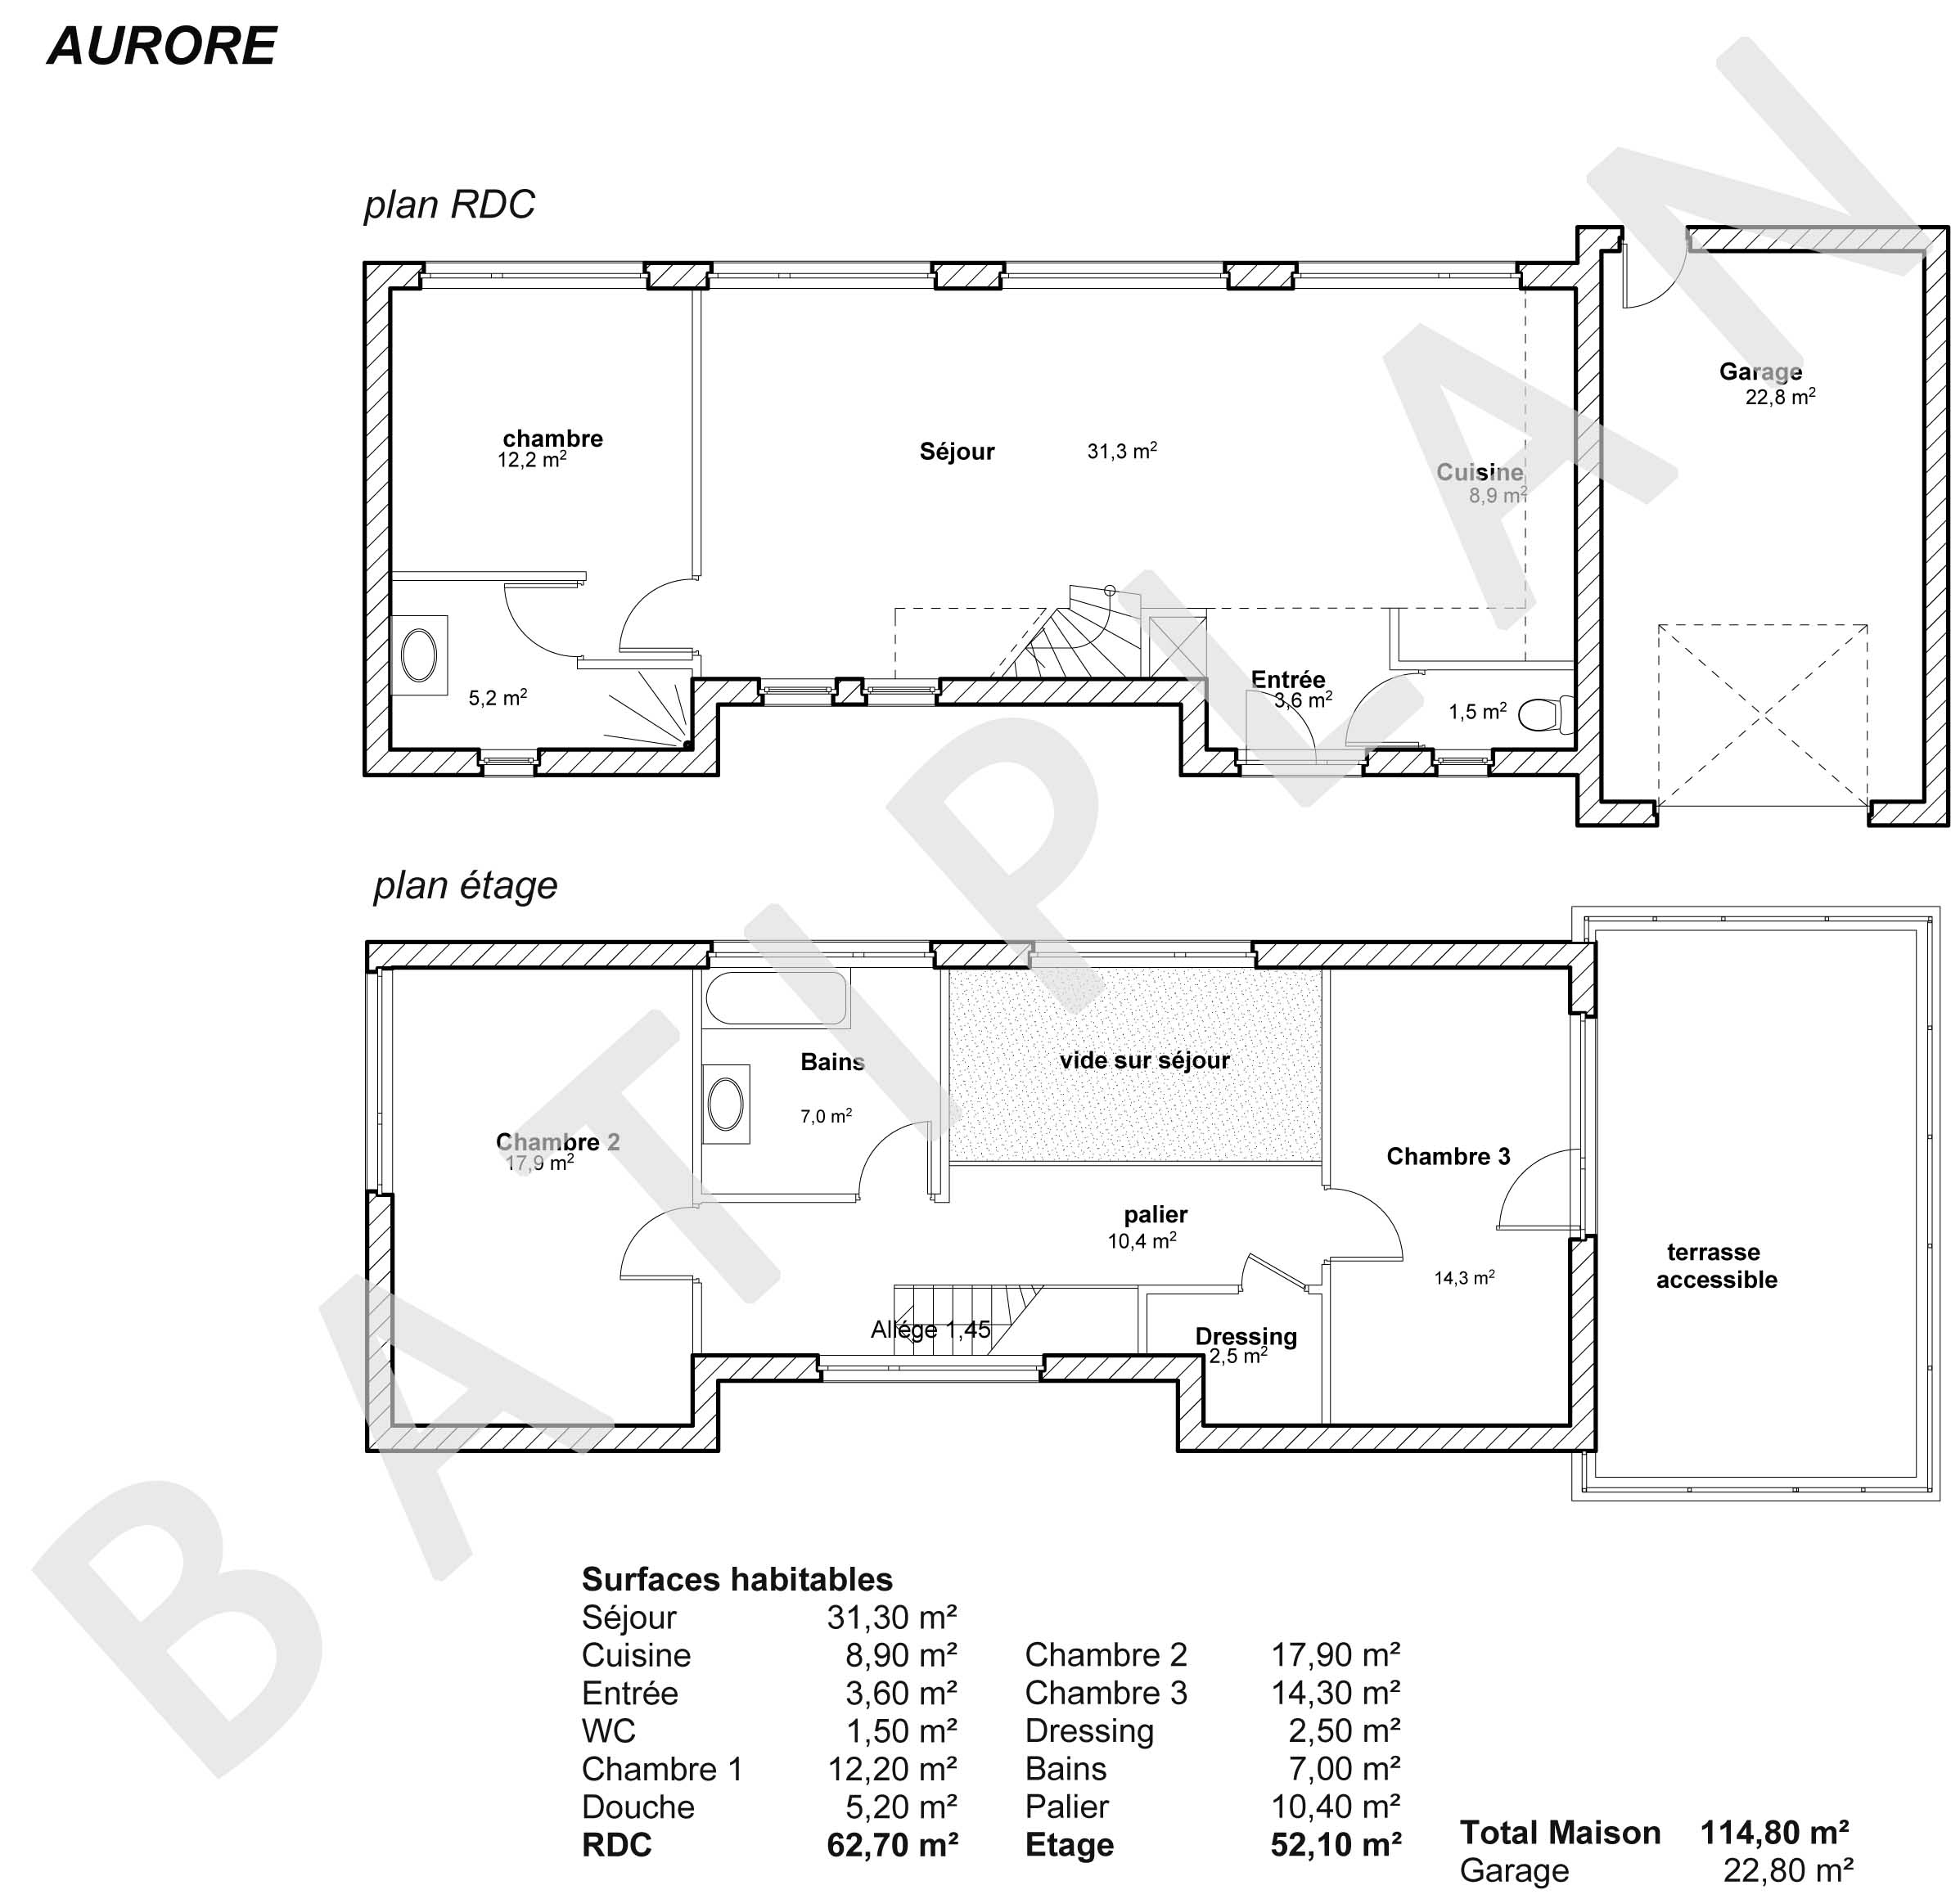 Plans et permis de construire notre plan de maison aurore for Permis de construire plan